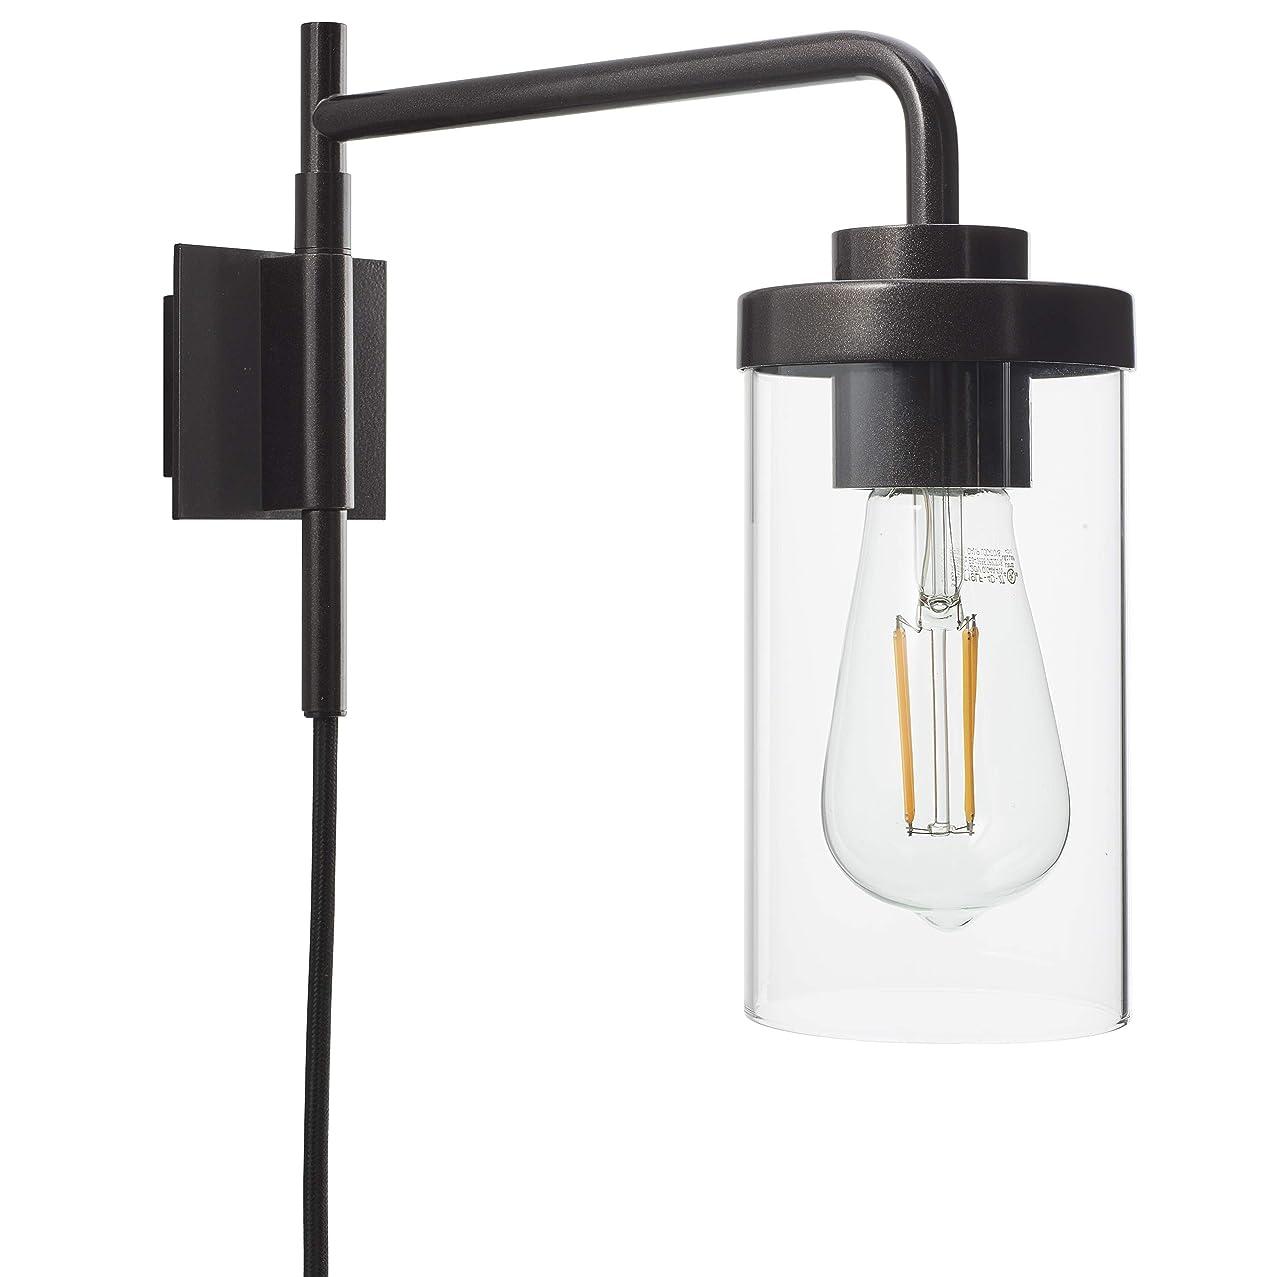 Luncia Plug in Wall Sconce | Dark Bronze Bathroom Vanity Plug in Wall Lamp LL-WL694-6DB